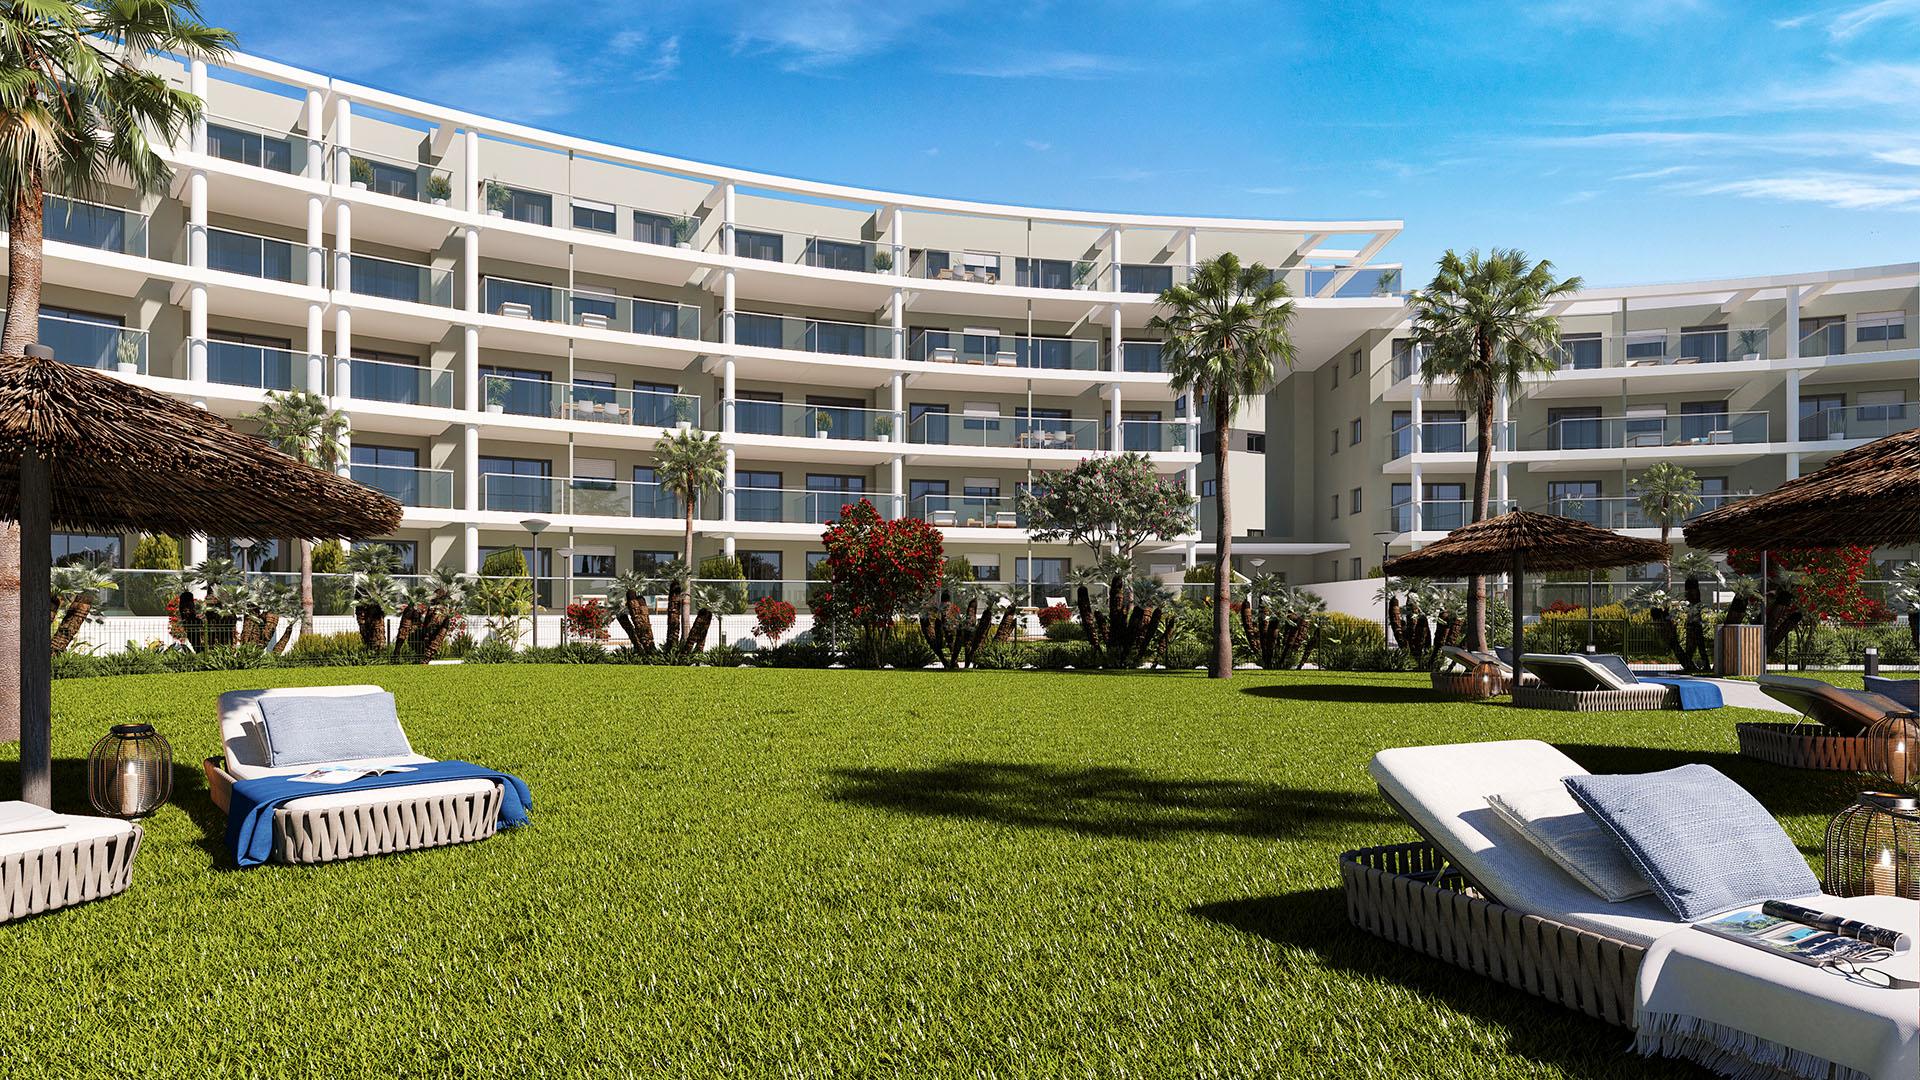 Amphora Beach: Apartments near the beach in Manilva